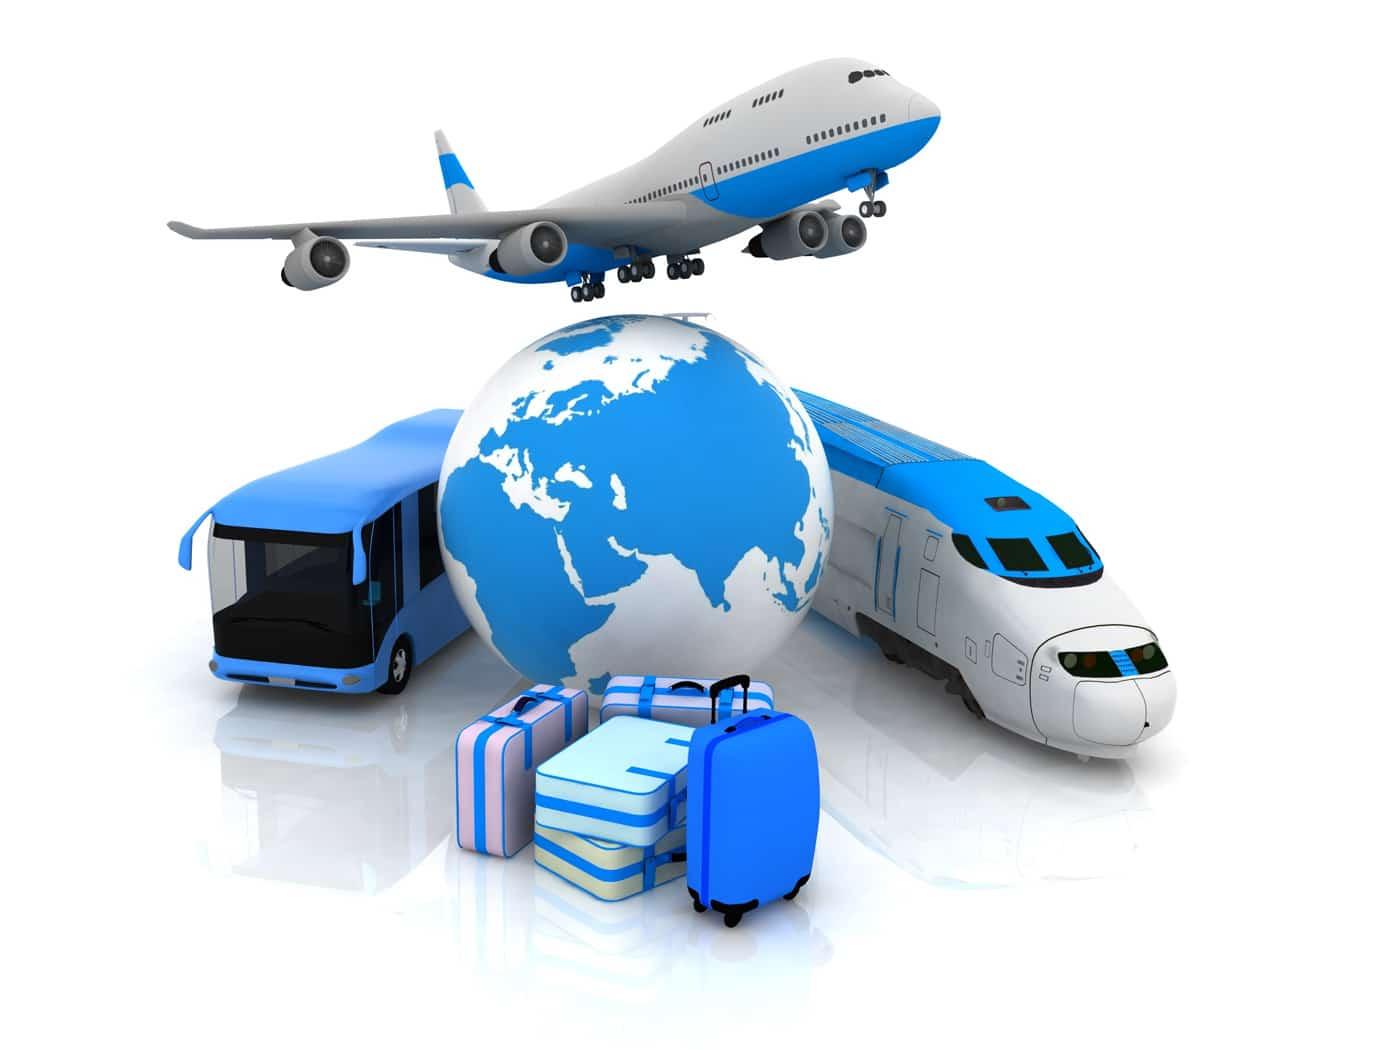 Dịch vụ vận chuyển hàng không đi Austria nhanh chóng, giá rẻ, an toàn.